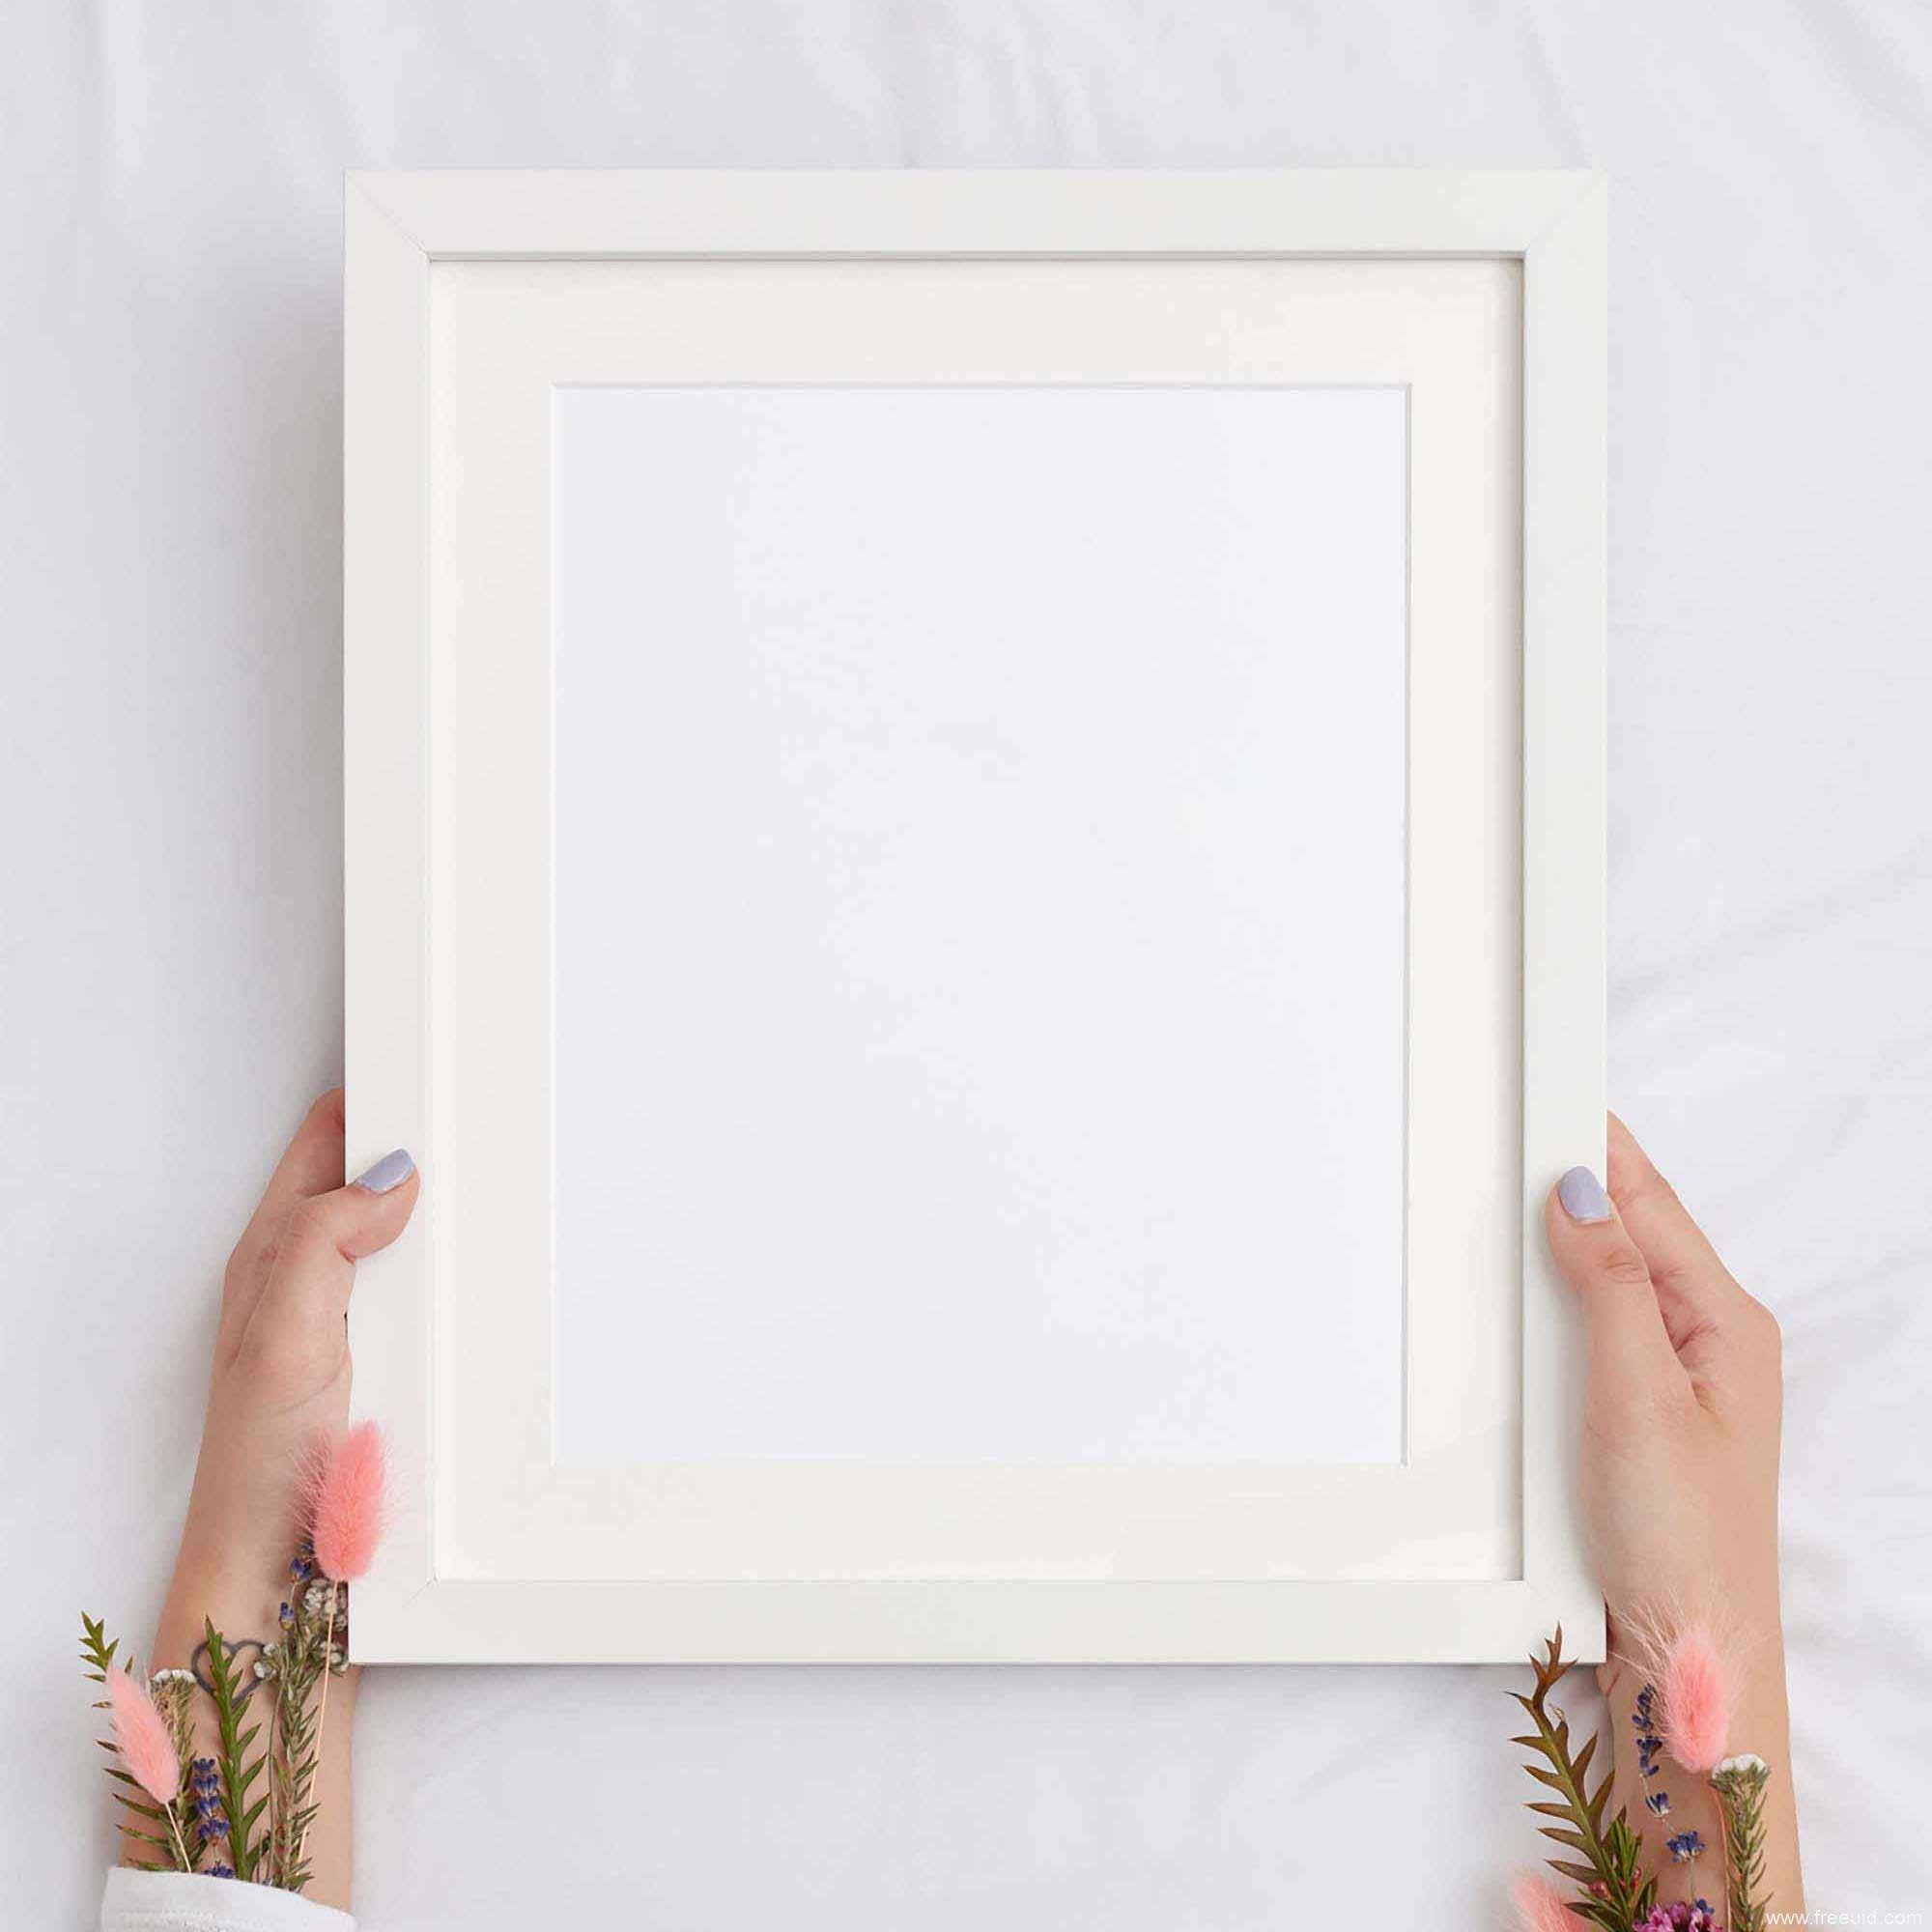 90# - 白色手持边框海报展示样机模板